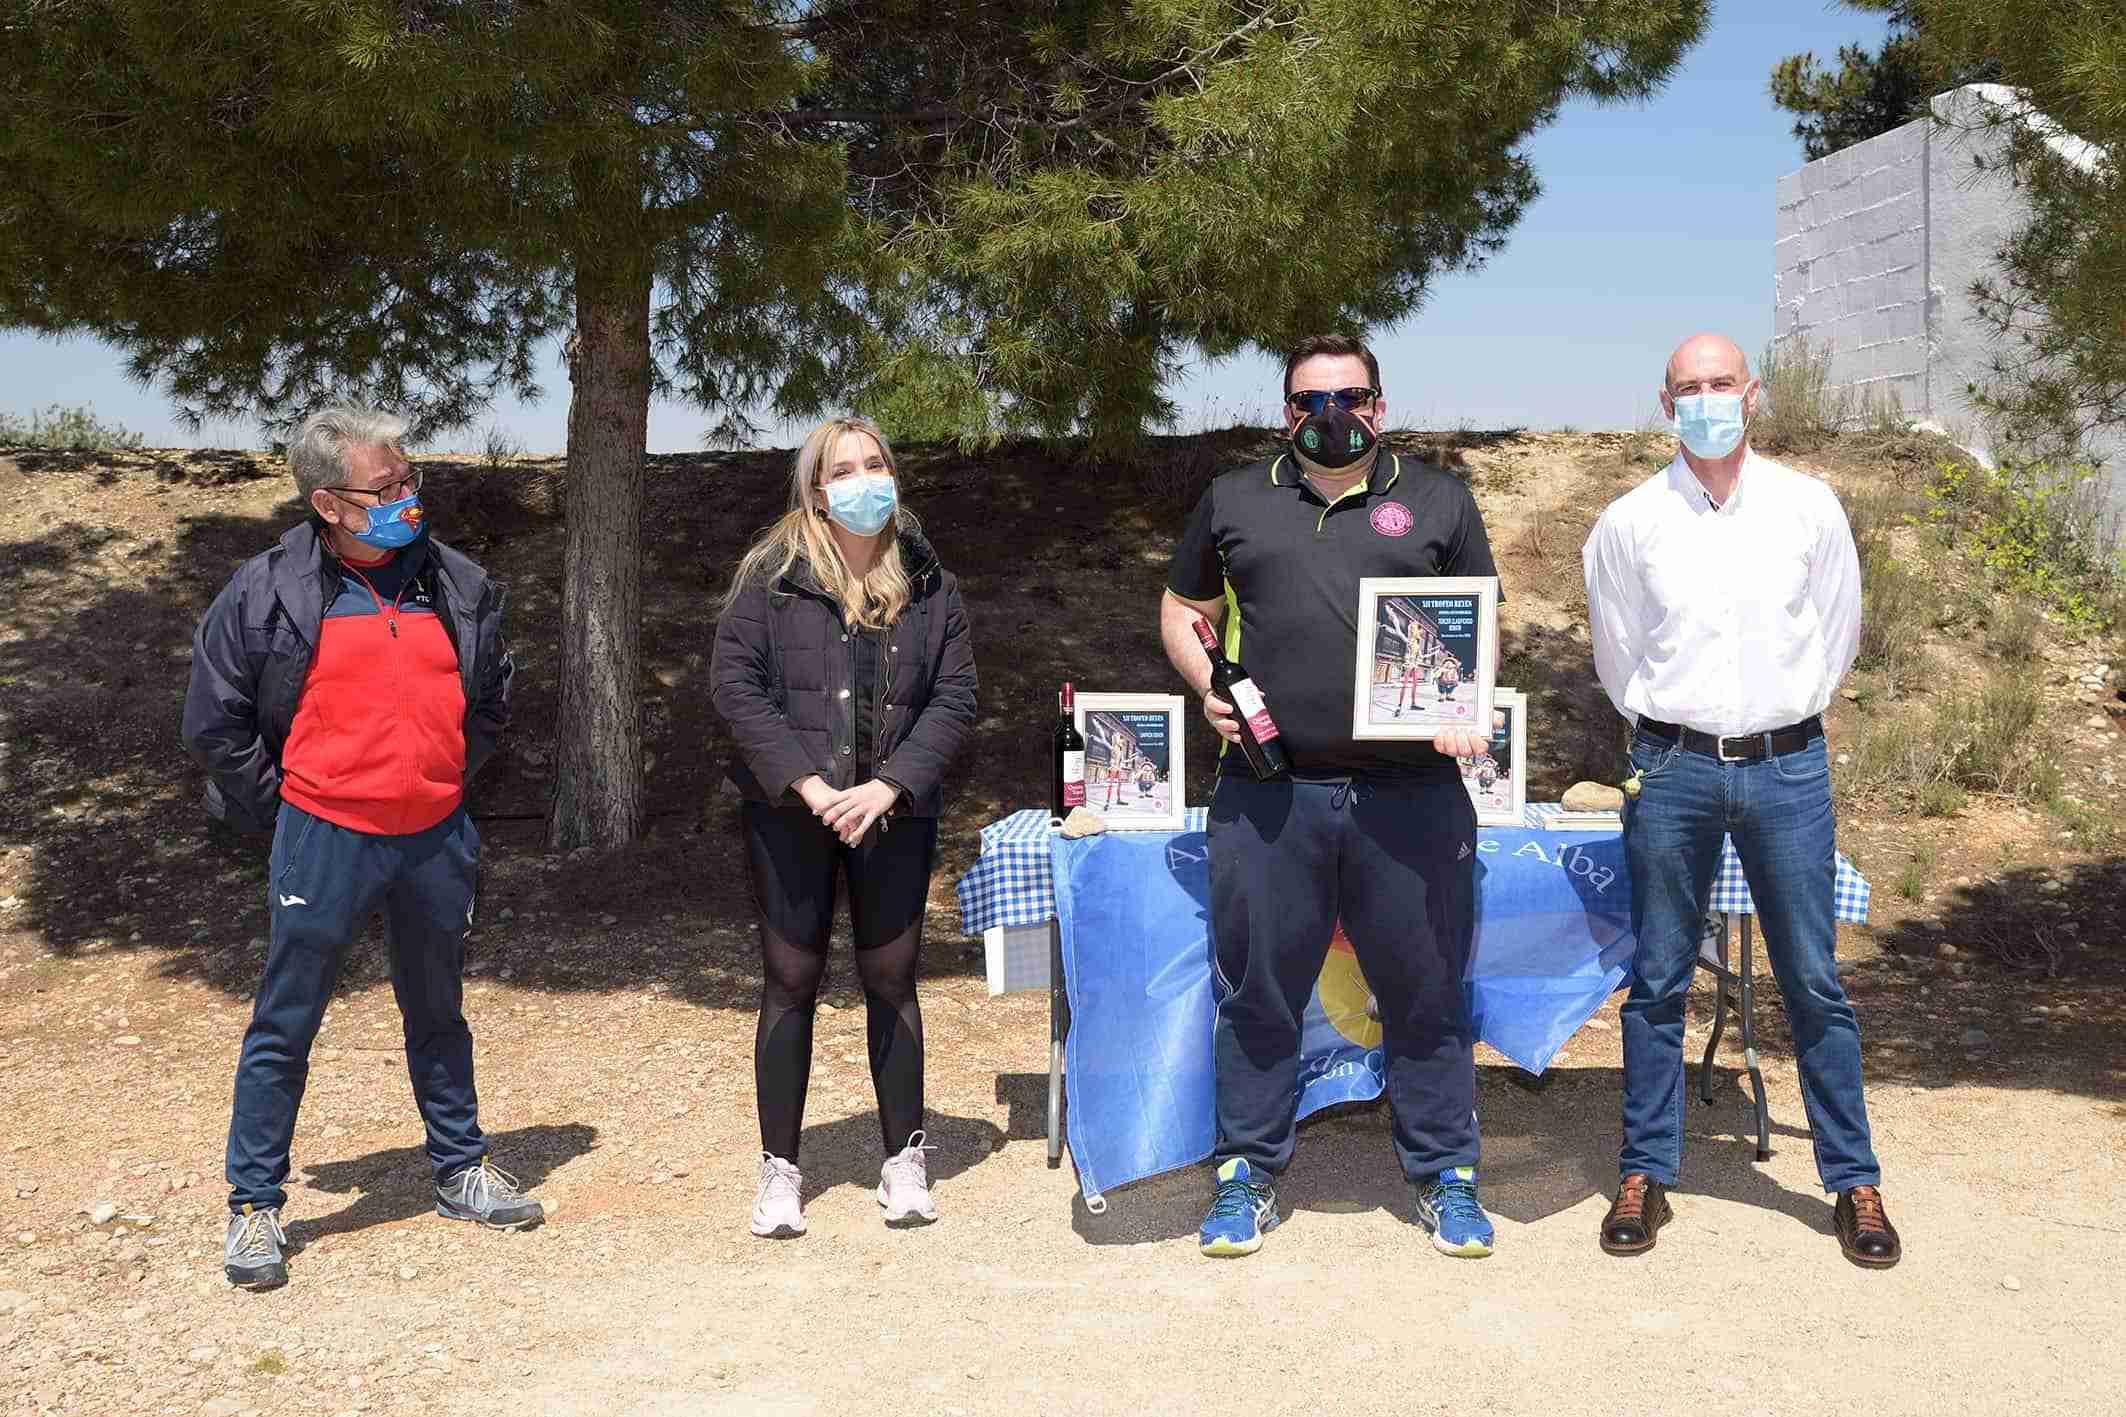 El club Alonso Quijano reúne a 67 tiradores en uno de sus torneos más importantes 4